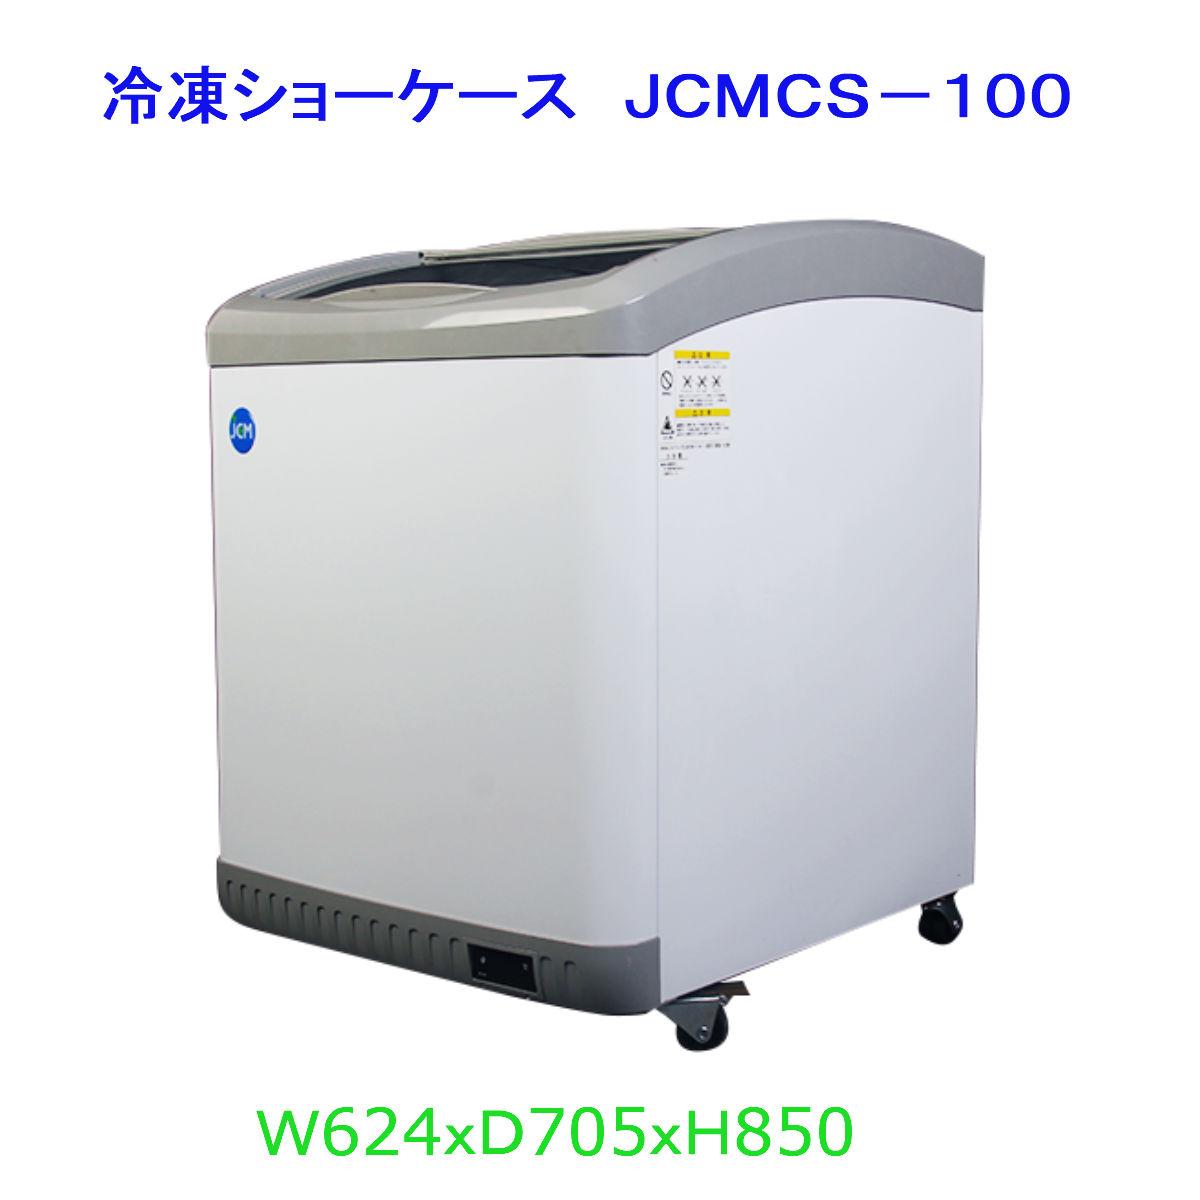 【送料無料】【新品・未使用】業務用 冷凍ショーケース 103L 冷凍庫